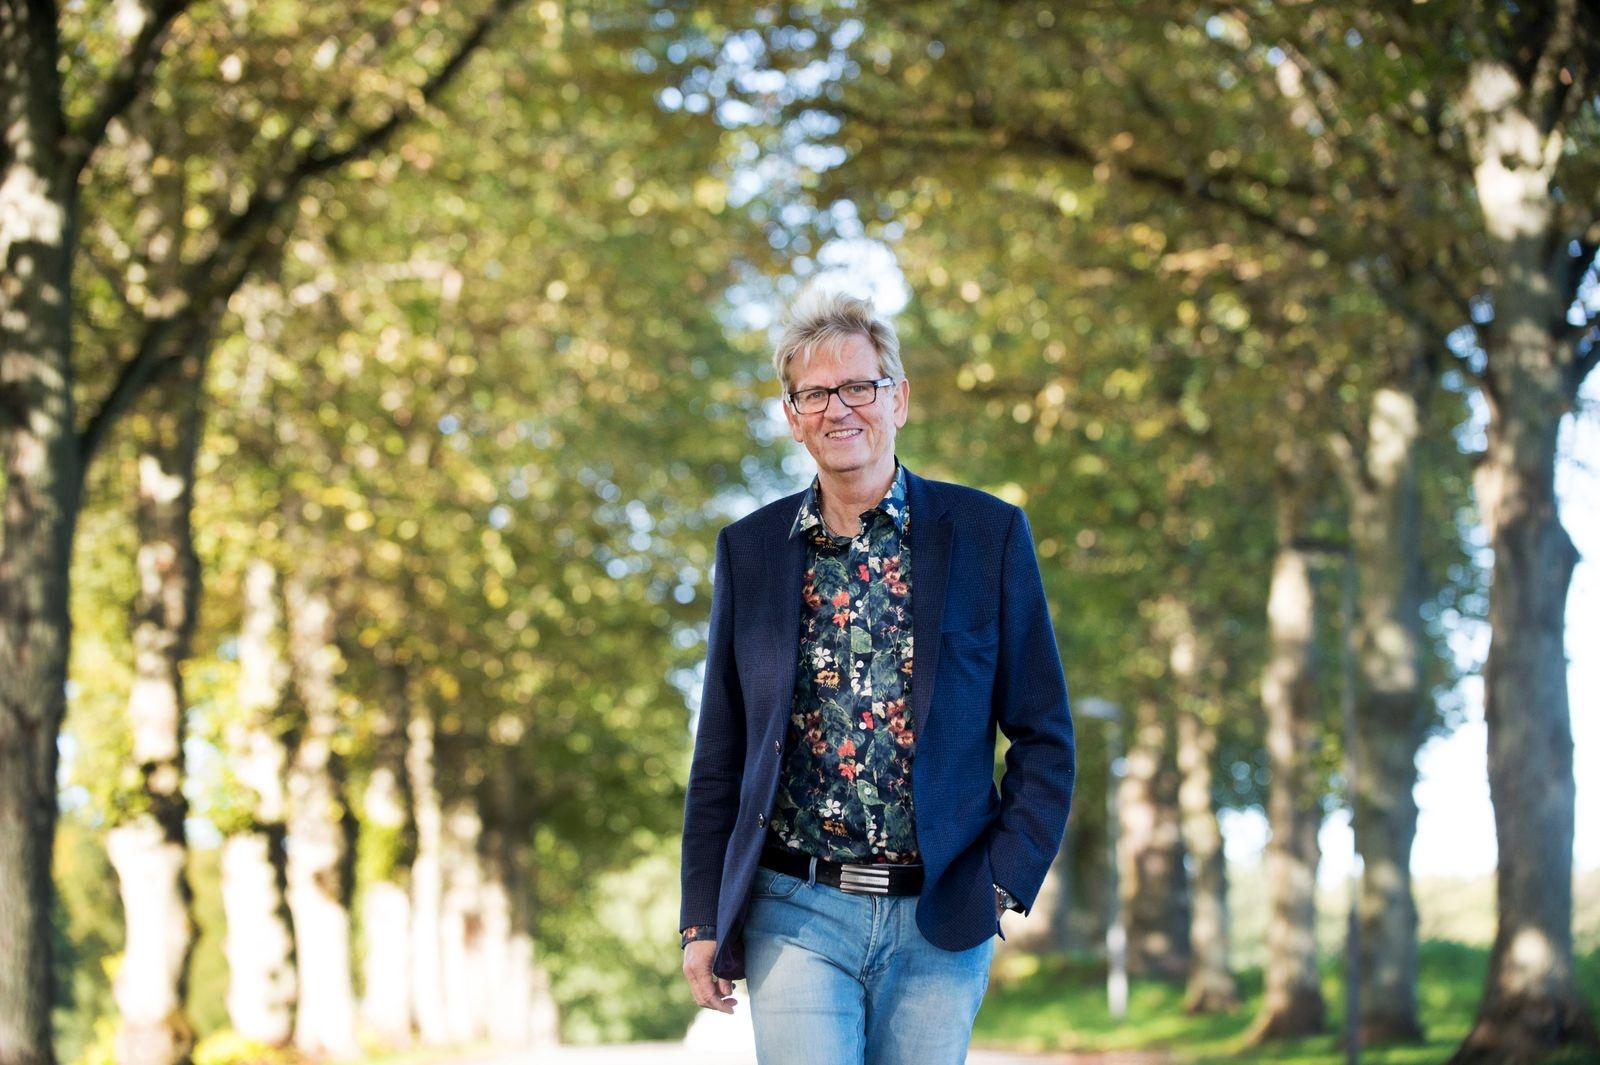 """Håcan Nilsson, bankman och radiopratare, föreläser om """"Vikten av att kunna prata allvar på ett humoristiskt sätt"""" torsdag 28 oktober. Foto: Lennart Månsson"""